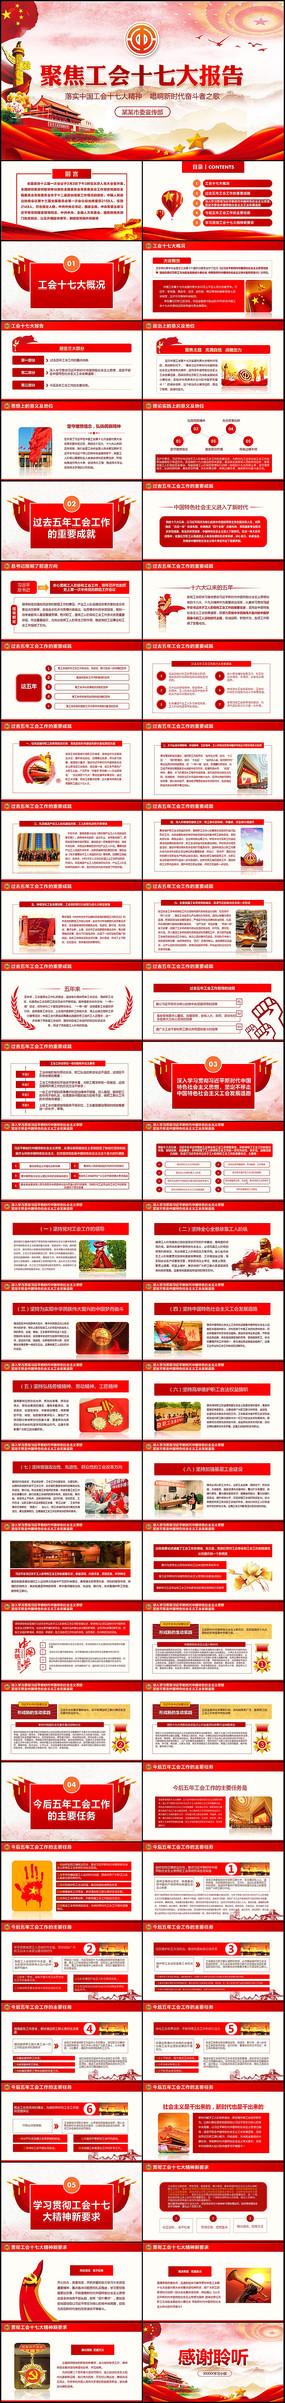 中国工会十七大精神解读汇报PPT ppt